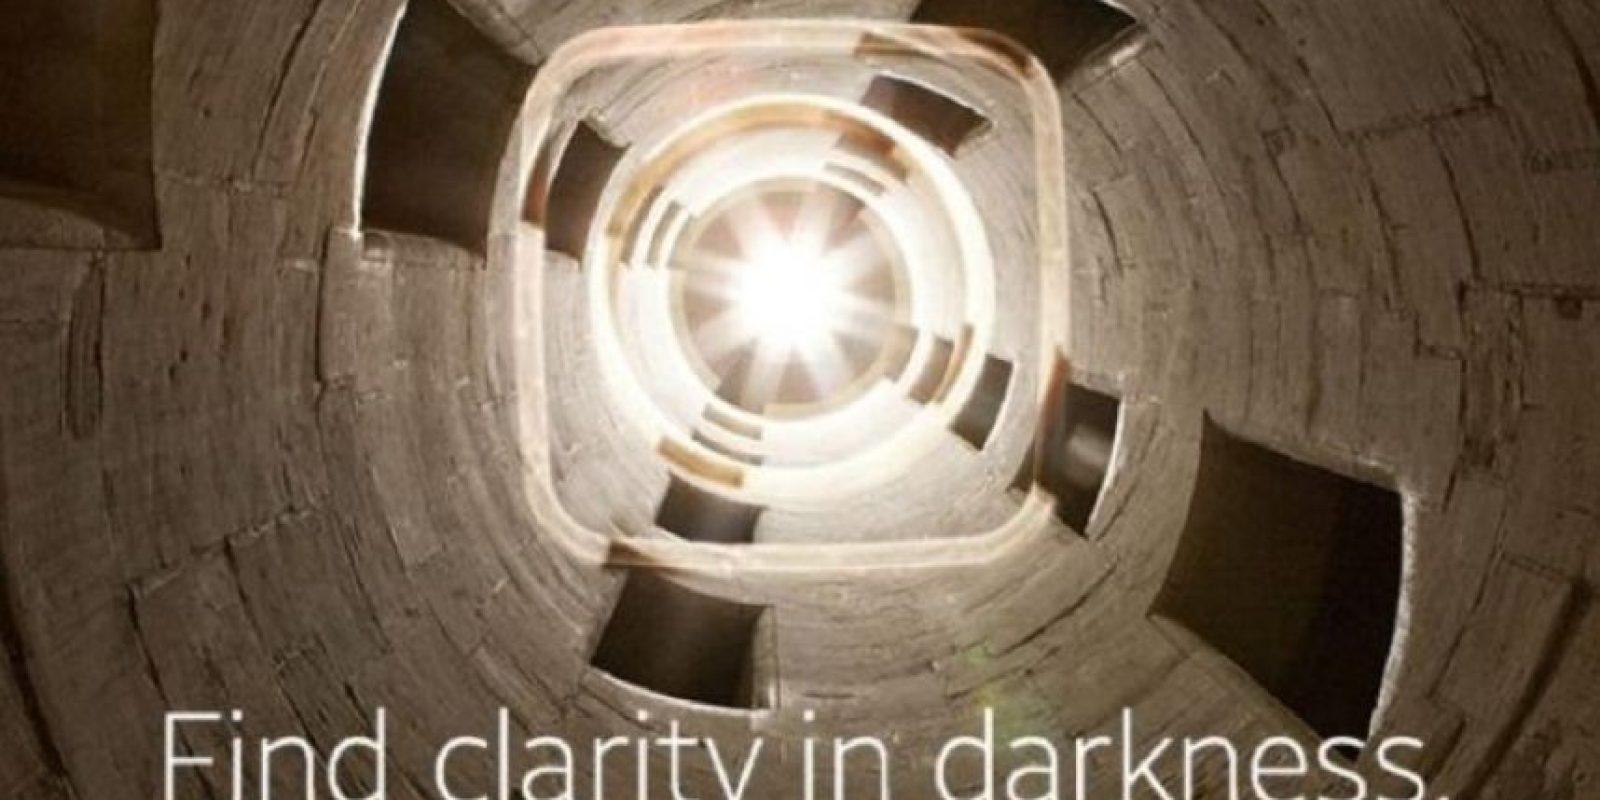 La cámara promete obtener fotografías de calidad con poca luz. Foto:twitter.com/SamsungMobile